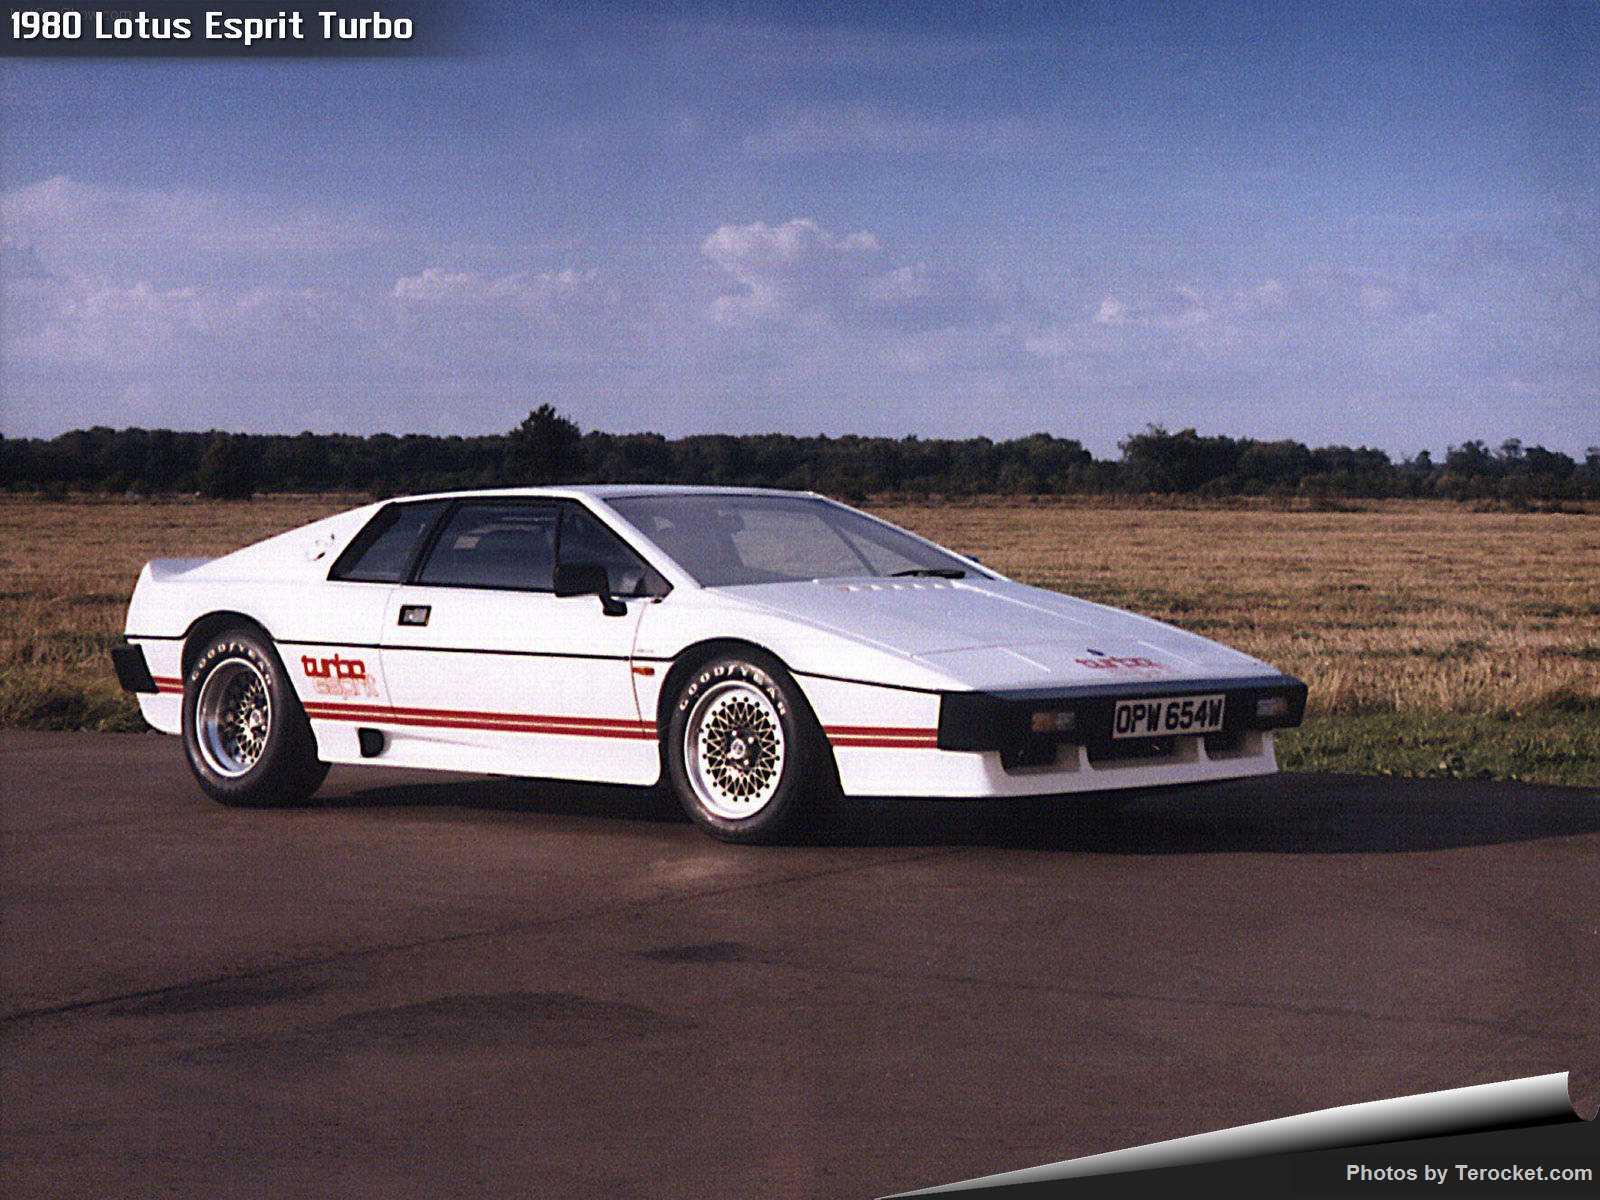 Hình ảnh siêu xe Lotus Esprit Turbo 1980 & nội ngoại thất